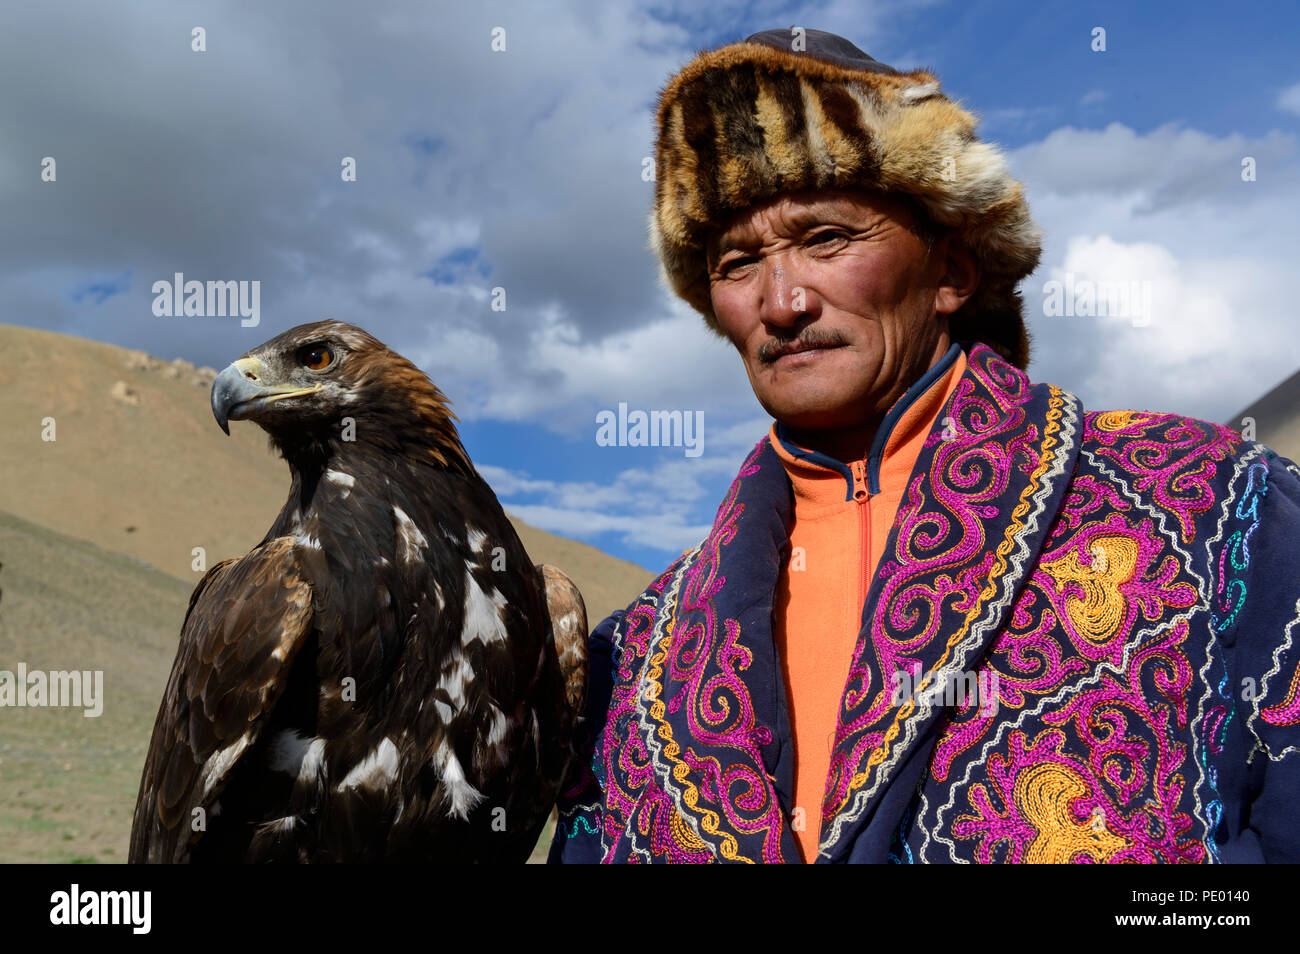 Un águila kazajo hunter con su golden eagle en Bayan-Olgii, Mongolia. Imagen De Stock